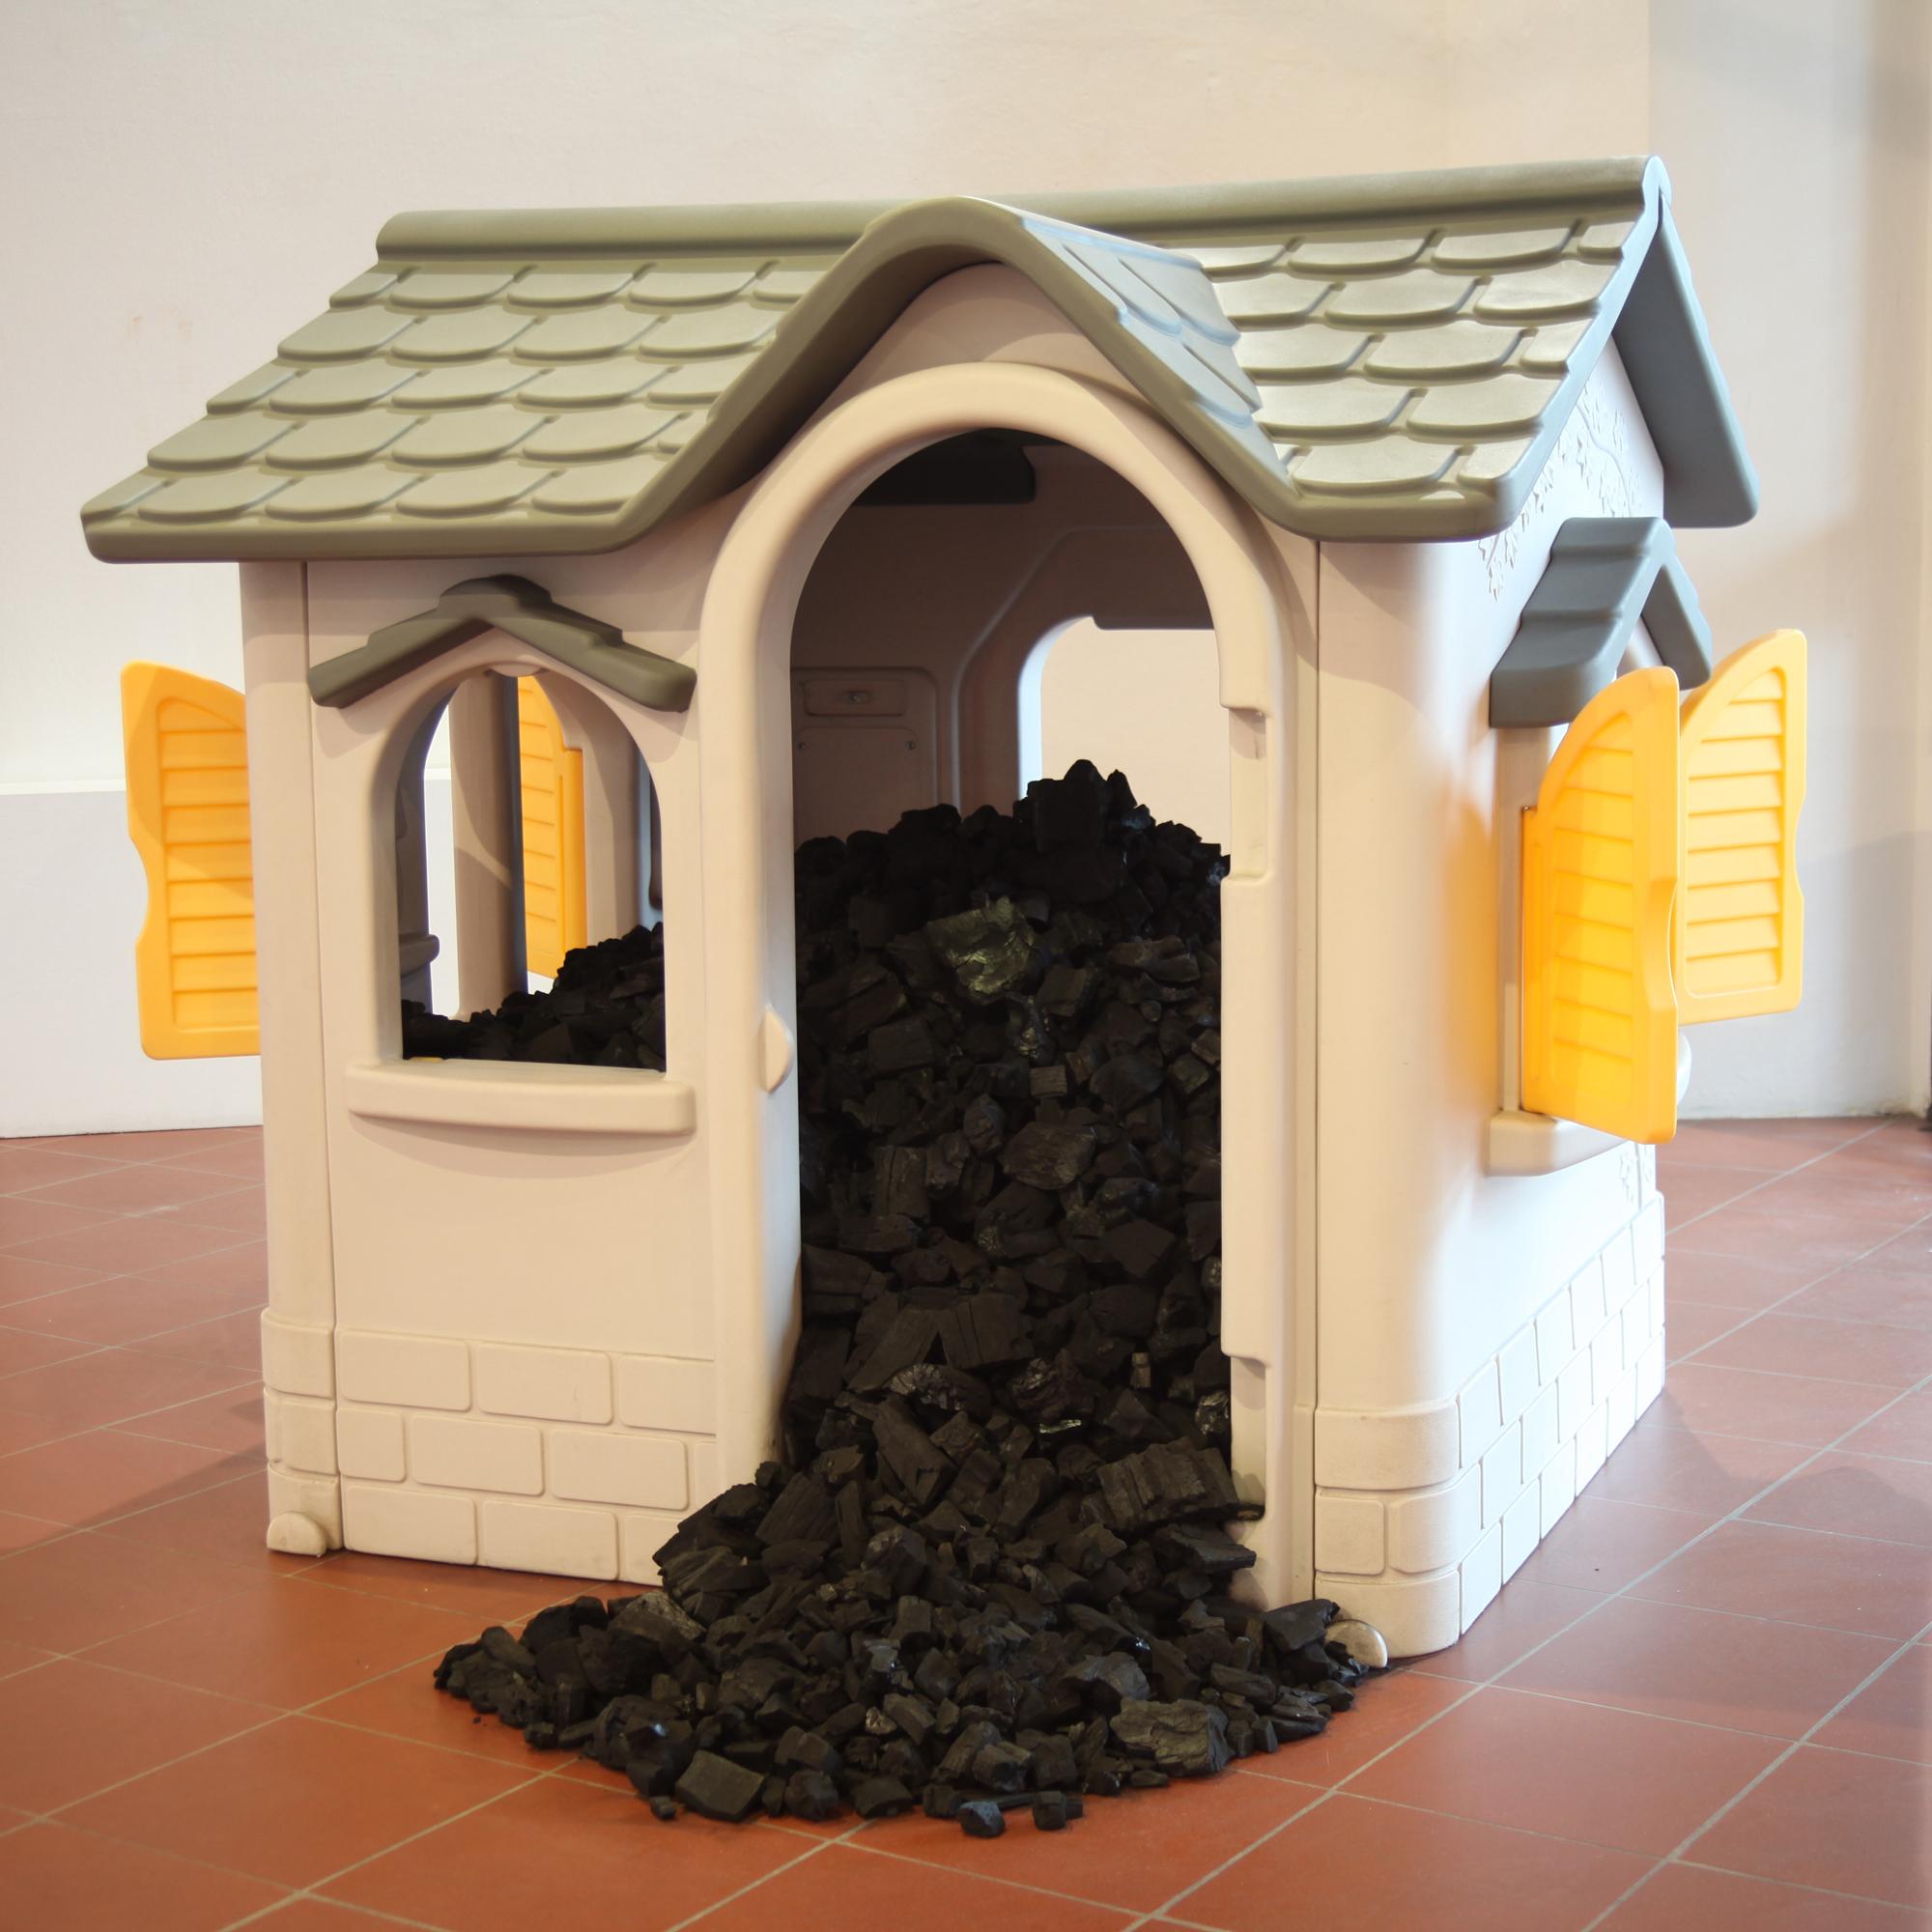 Matteo Peretti - Baby House, 2018